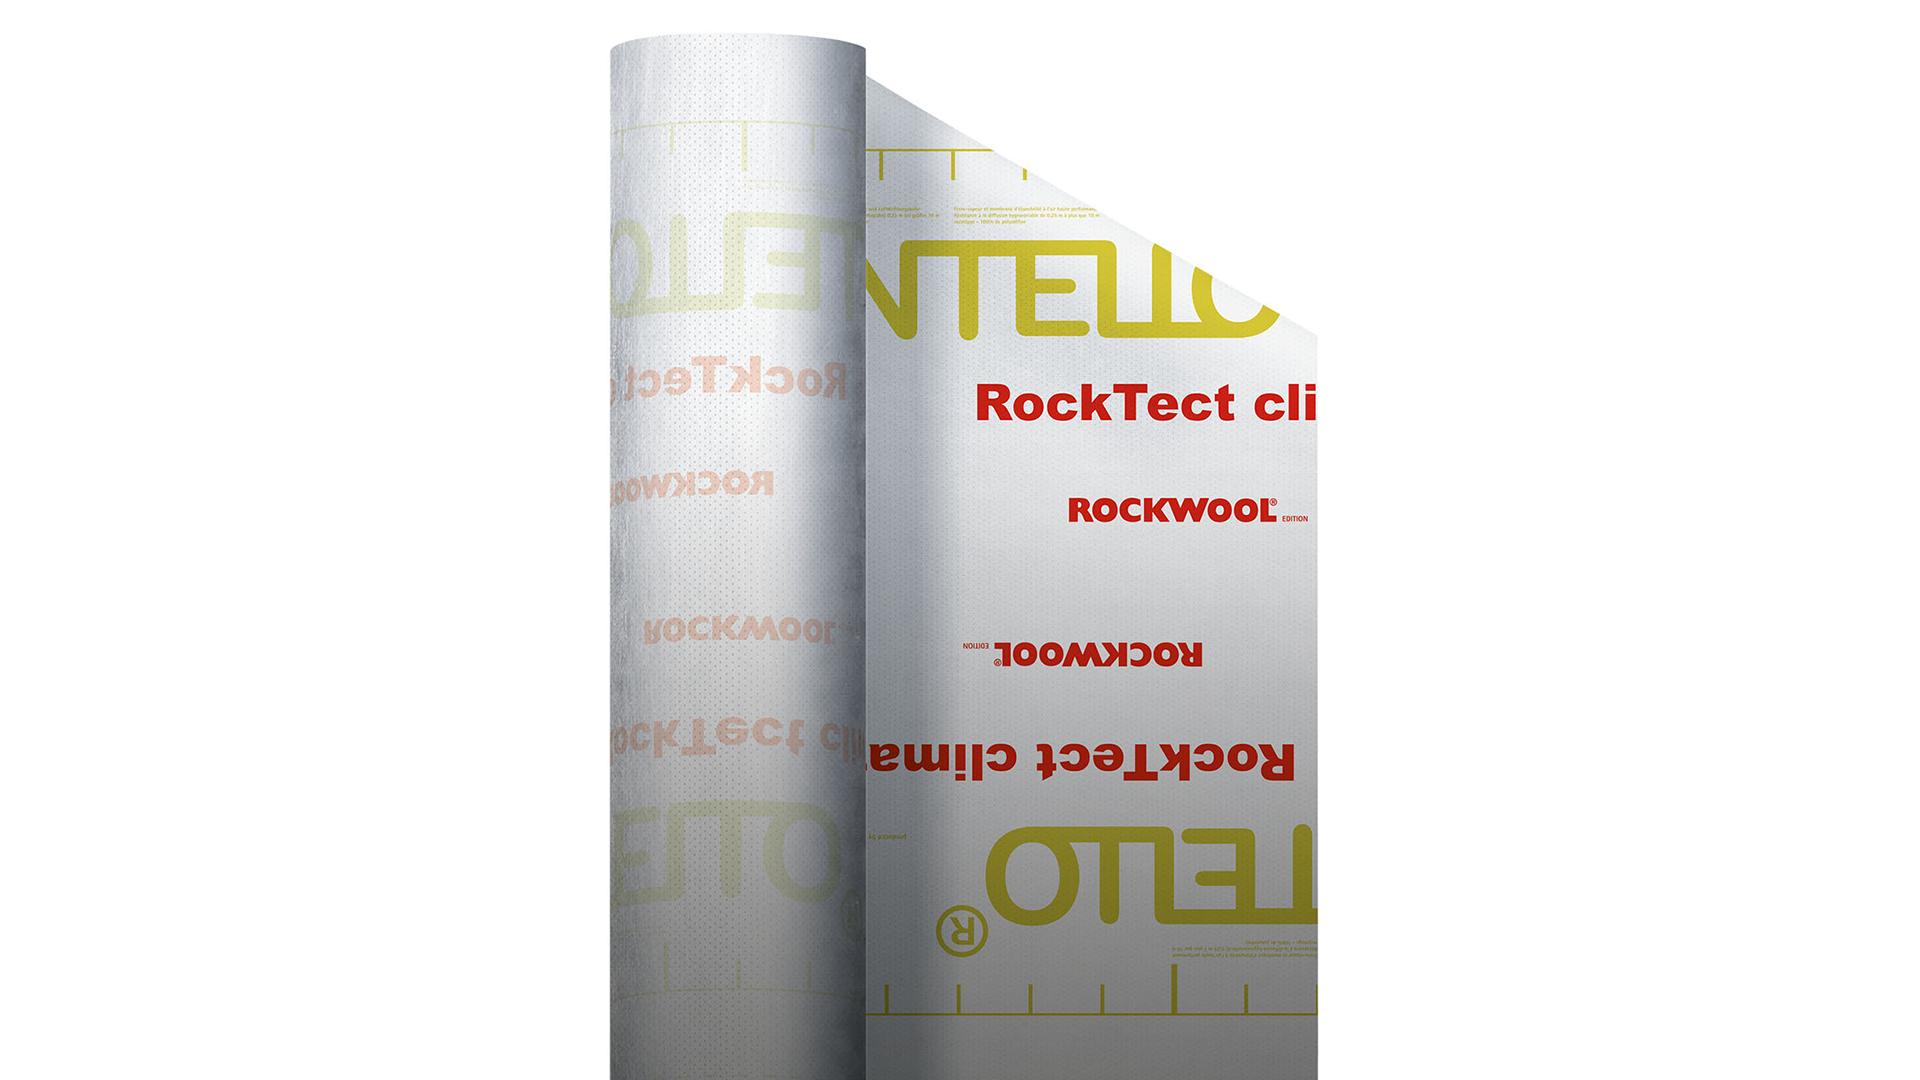 RockTect Intello Climate Plus, productfoto, accessoires